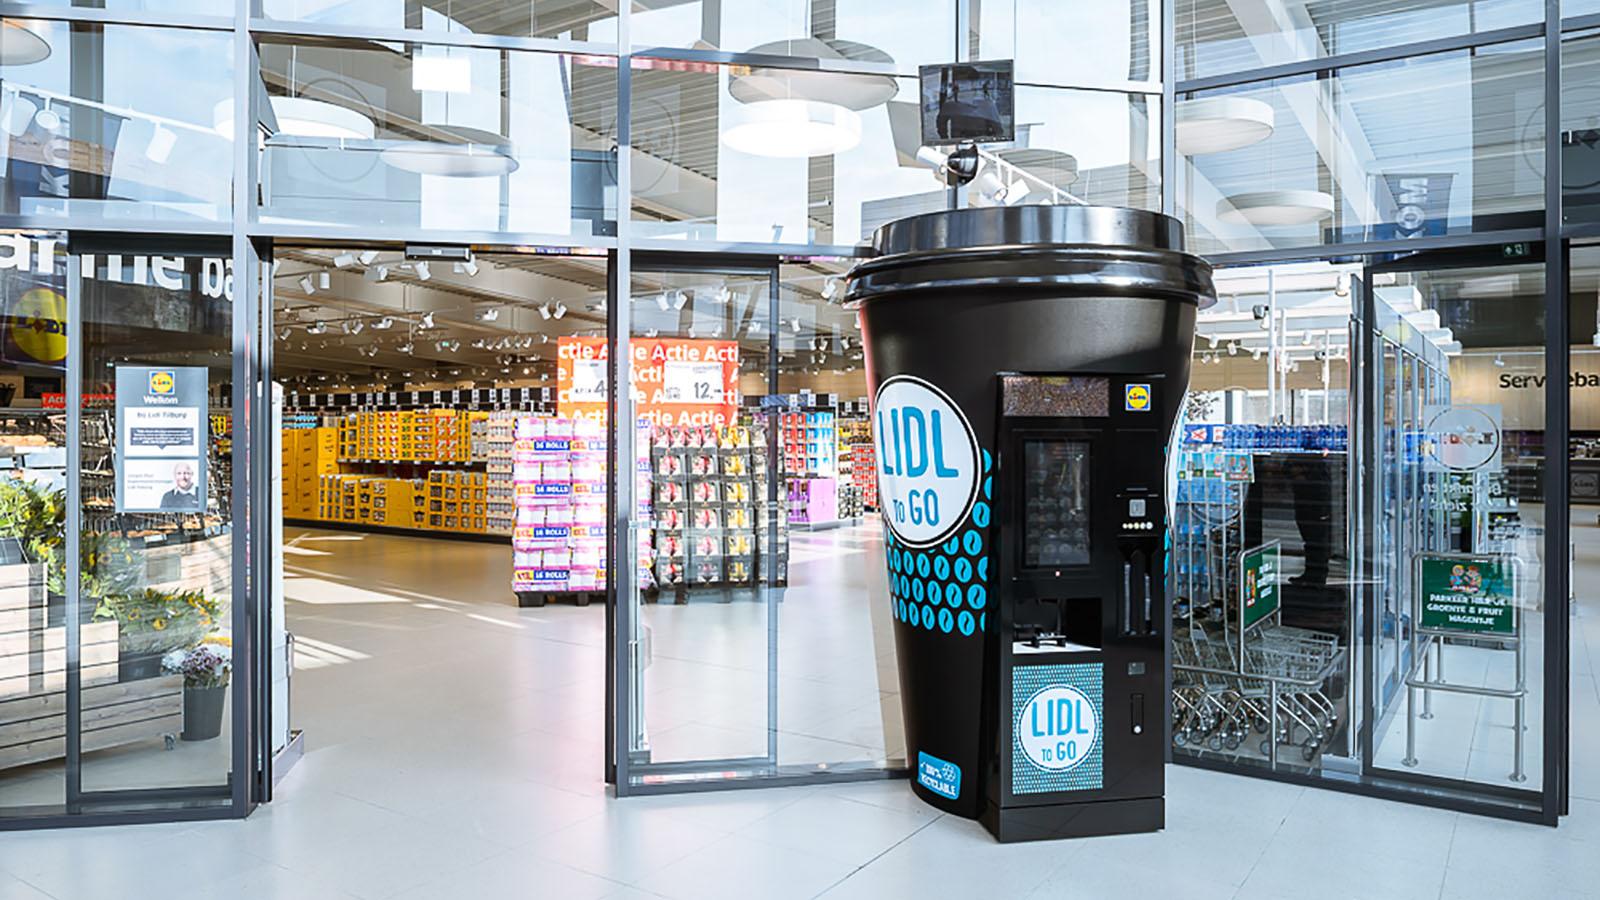 Maatwerk displays - Lidl koffiebeker display coffee cup inflatable - Publi air